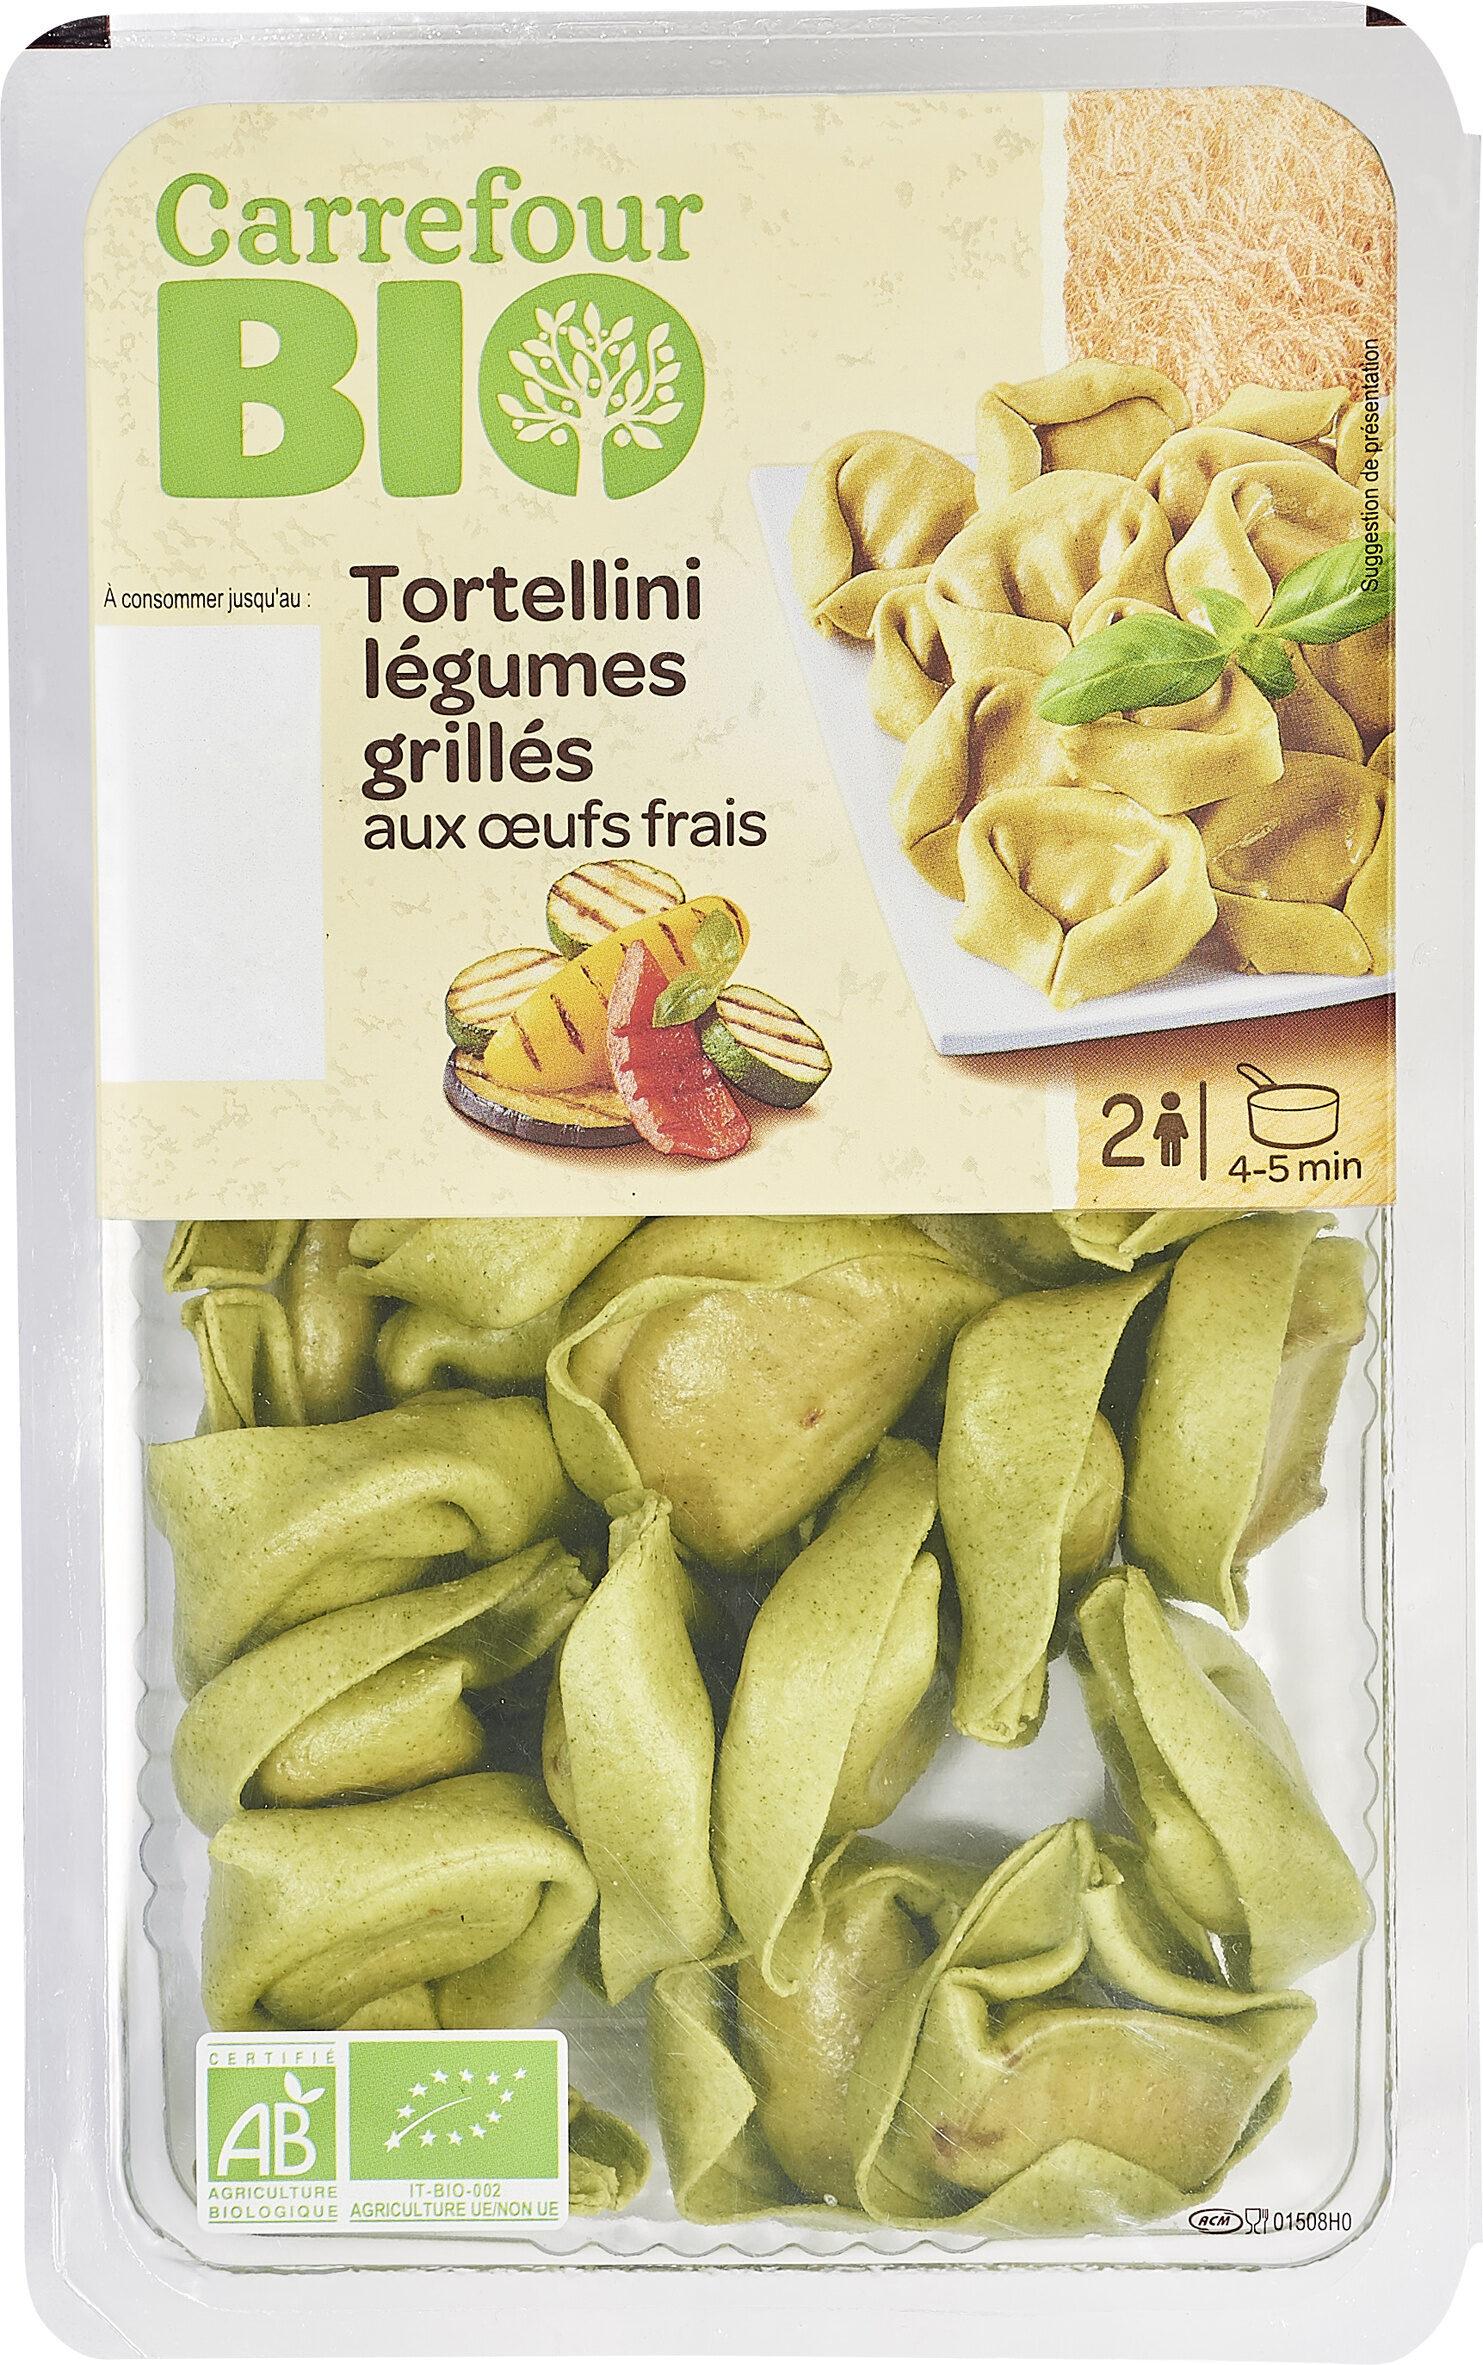 Tortellini légumes grillés - Product - fr